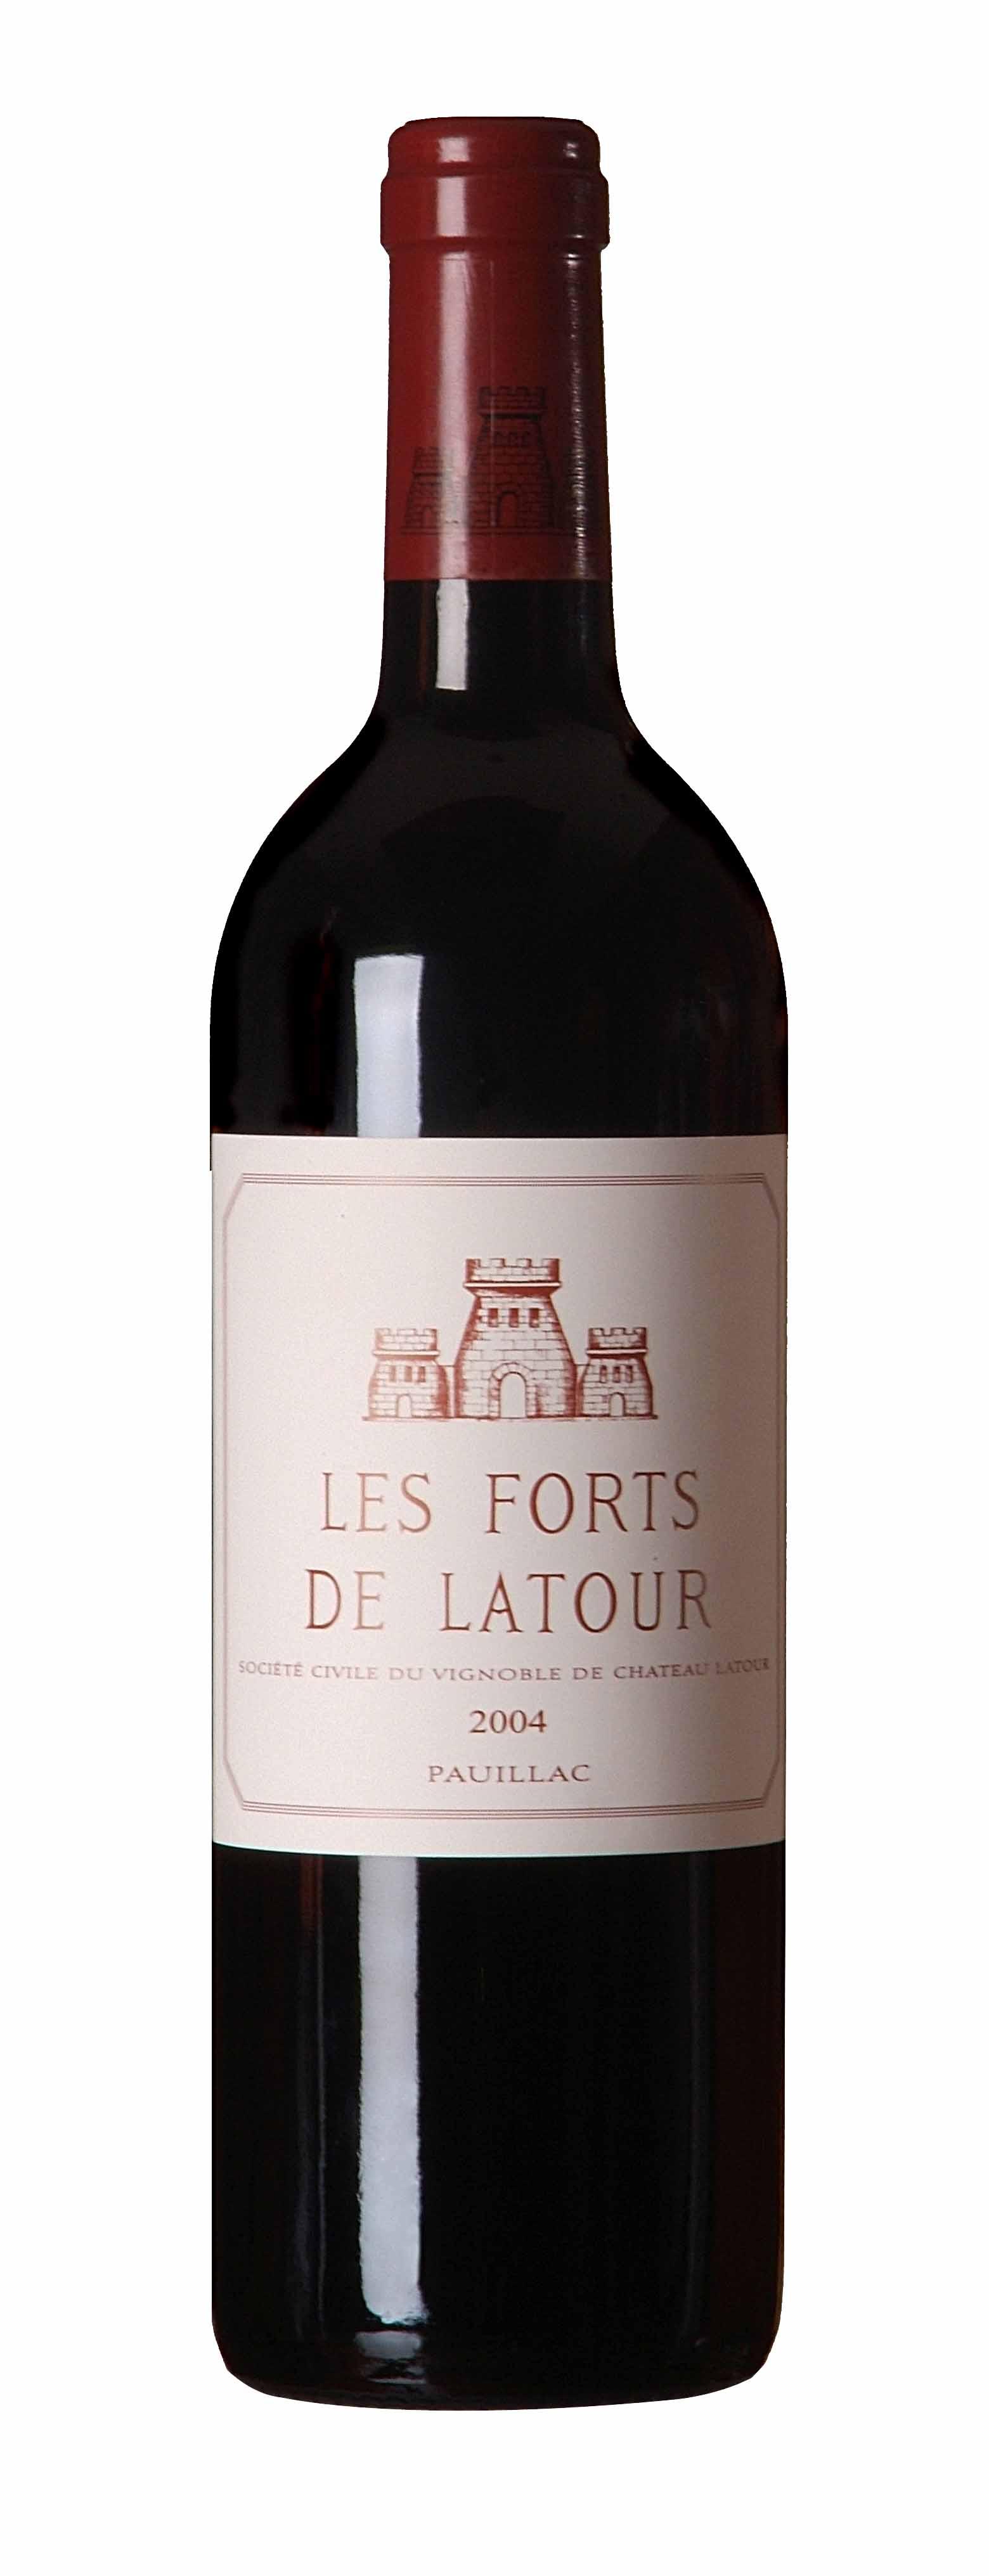 供应拉图庄园葡萄酒,拉图堡,大拉图葡萄酒,拉图尔葡萄酒